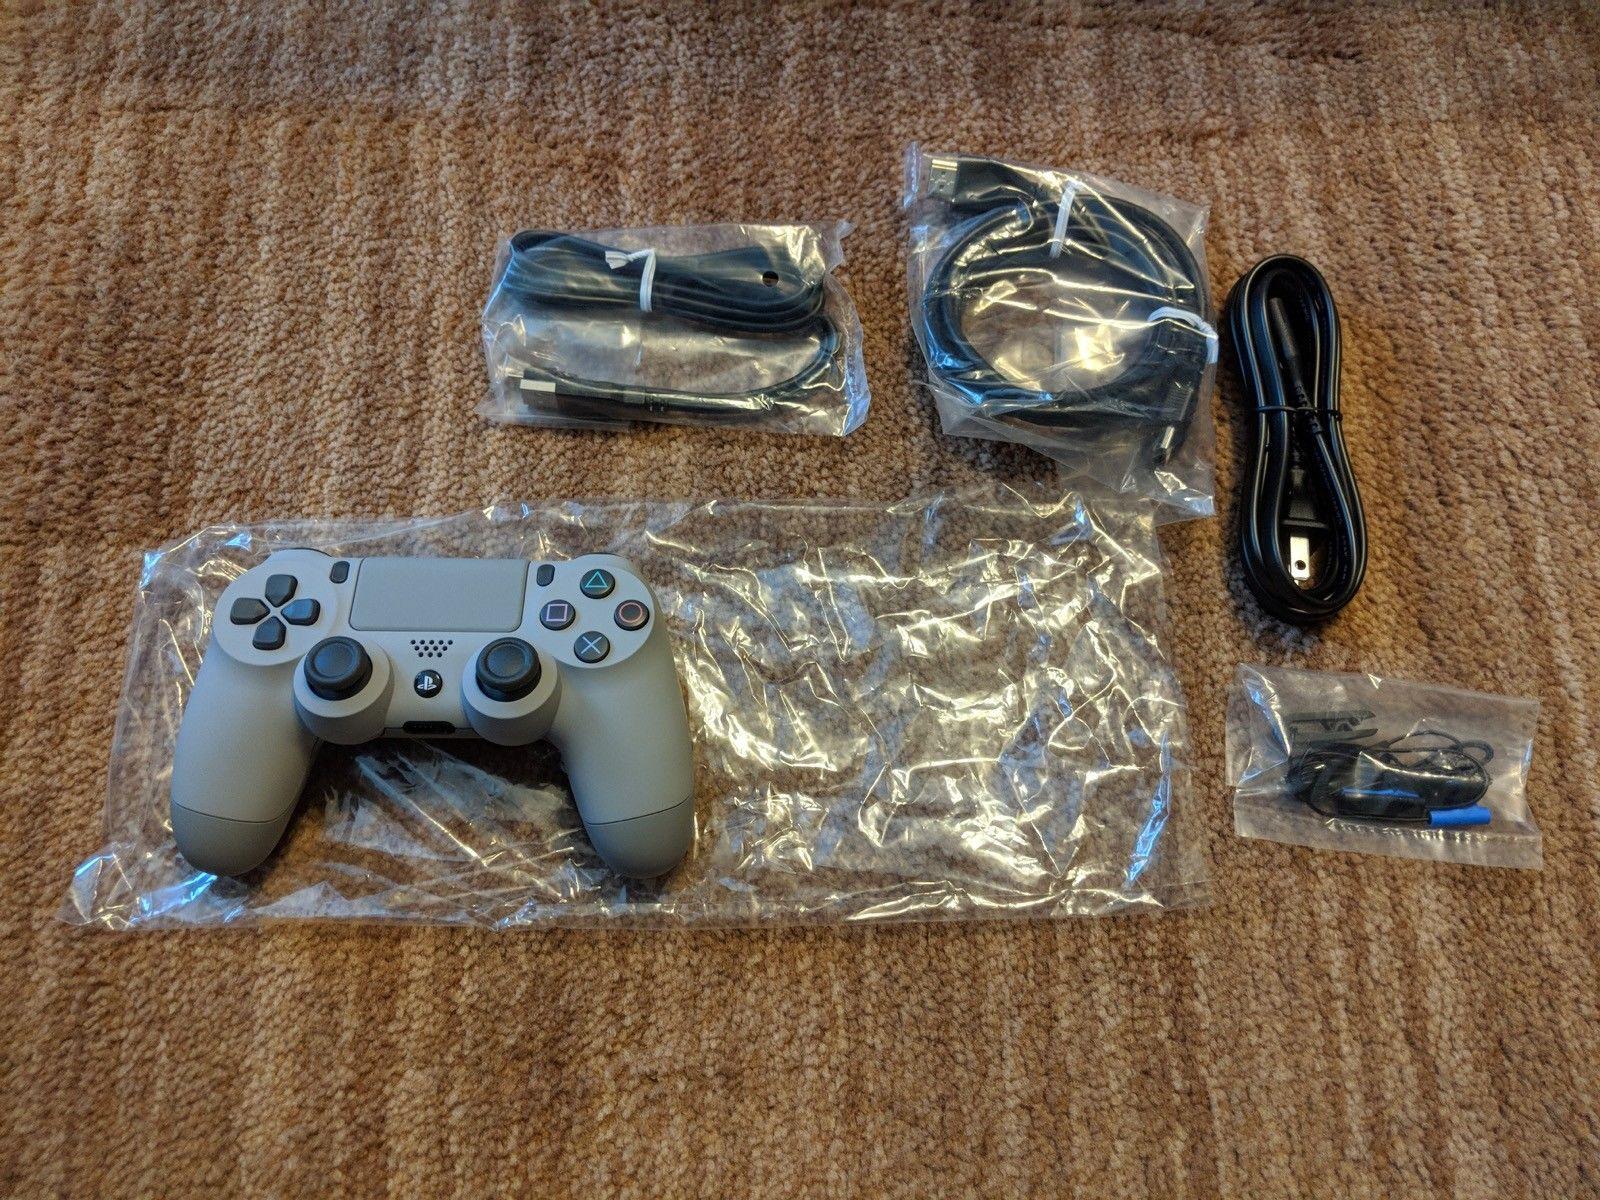 PlayStation Gold με 2 κονσόλες απεριόριστη έκδοση με πλήρη αξεσουάρ, με παιχνίδια.